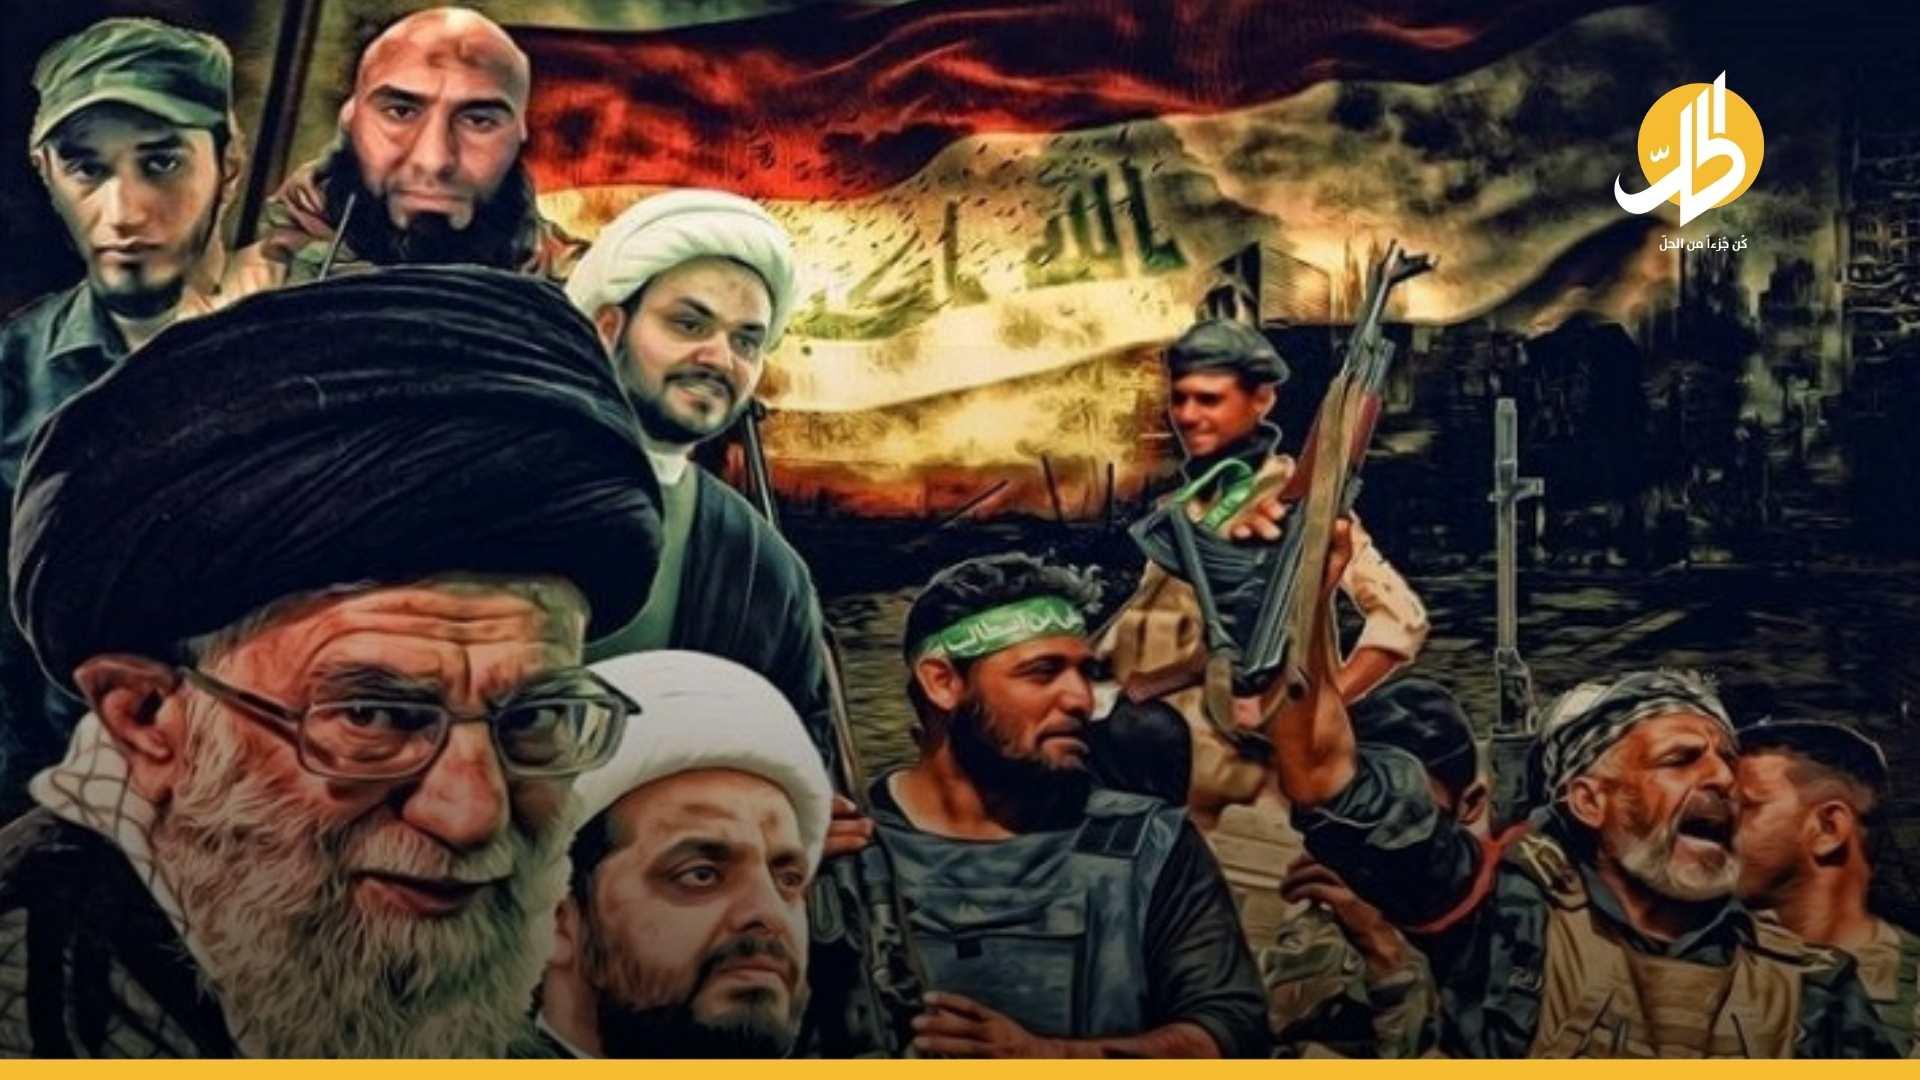 غضبٌ إيراني من زعماء الفصائل الولائية.. وفَزعٌ بصفوف الميليشيات العراقية!